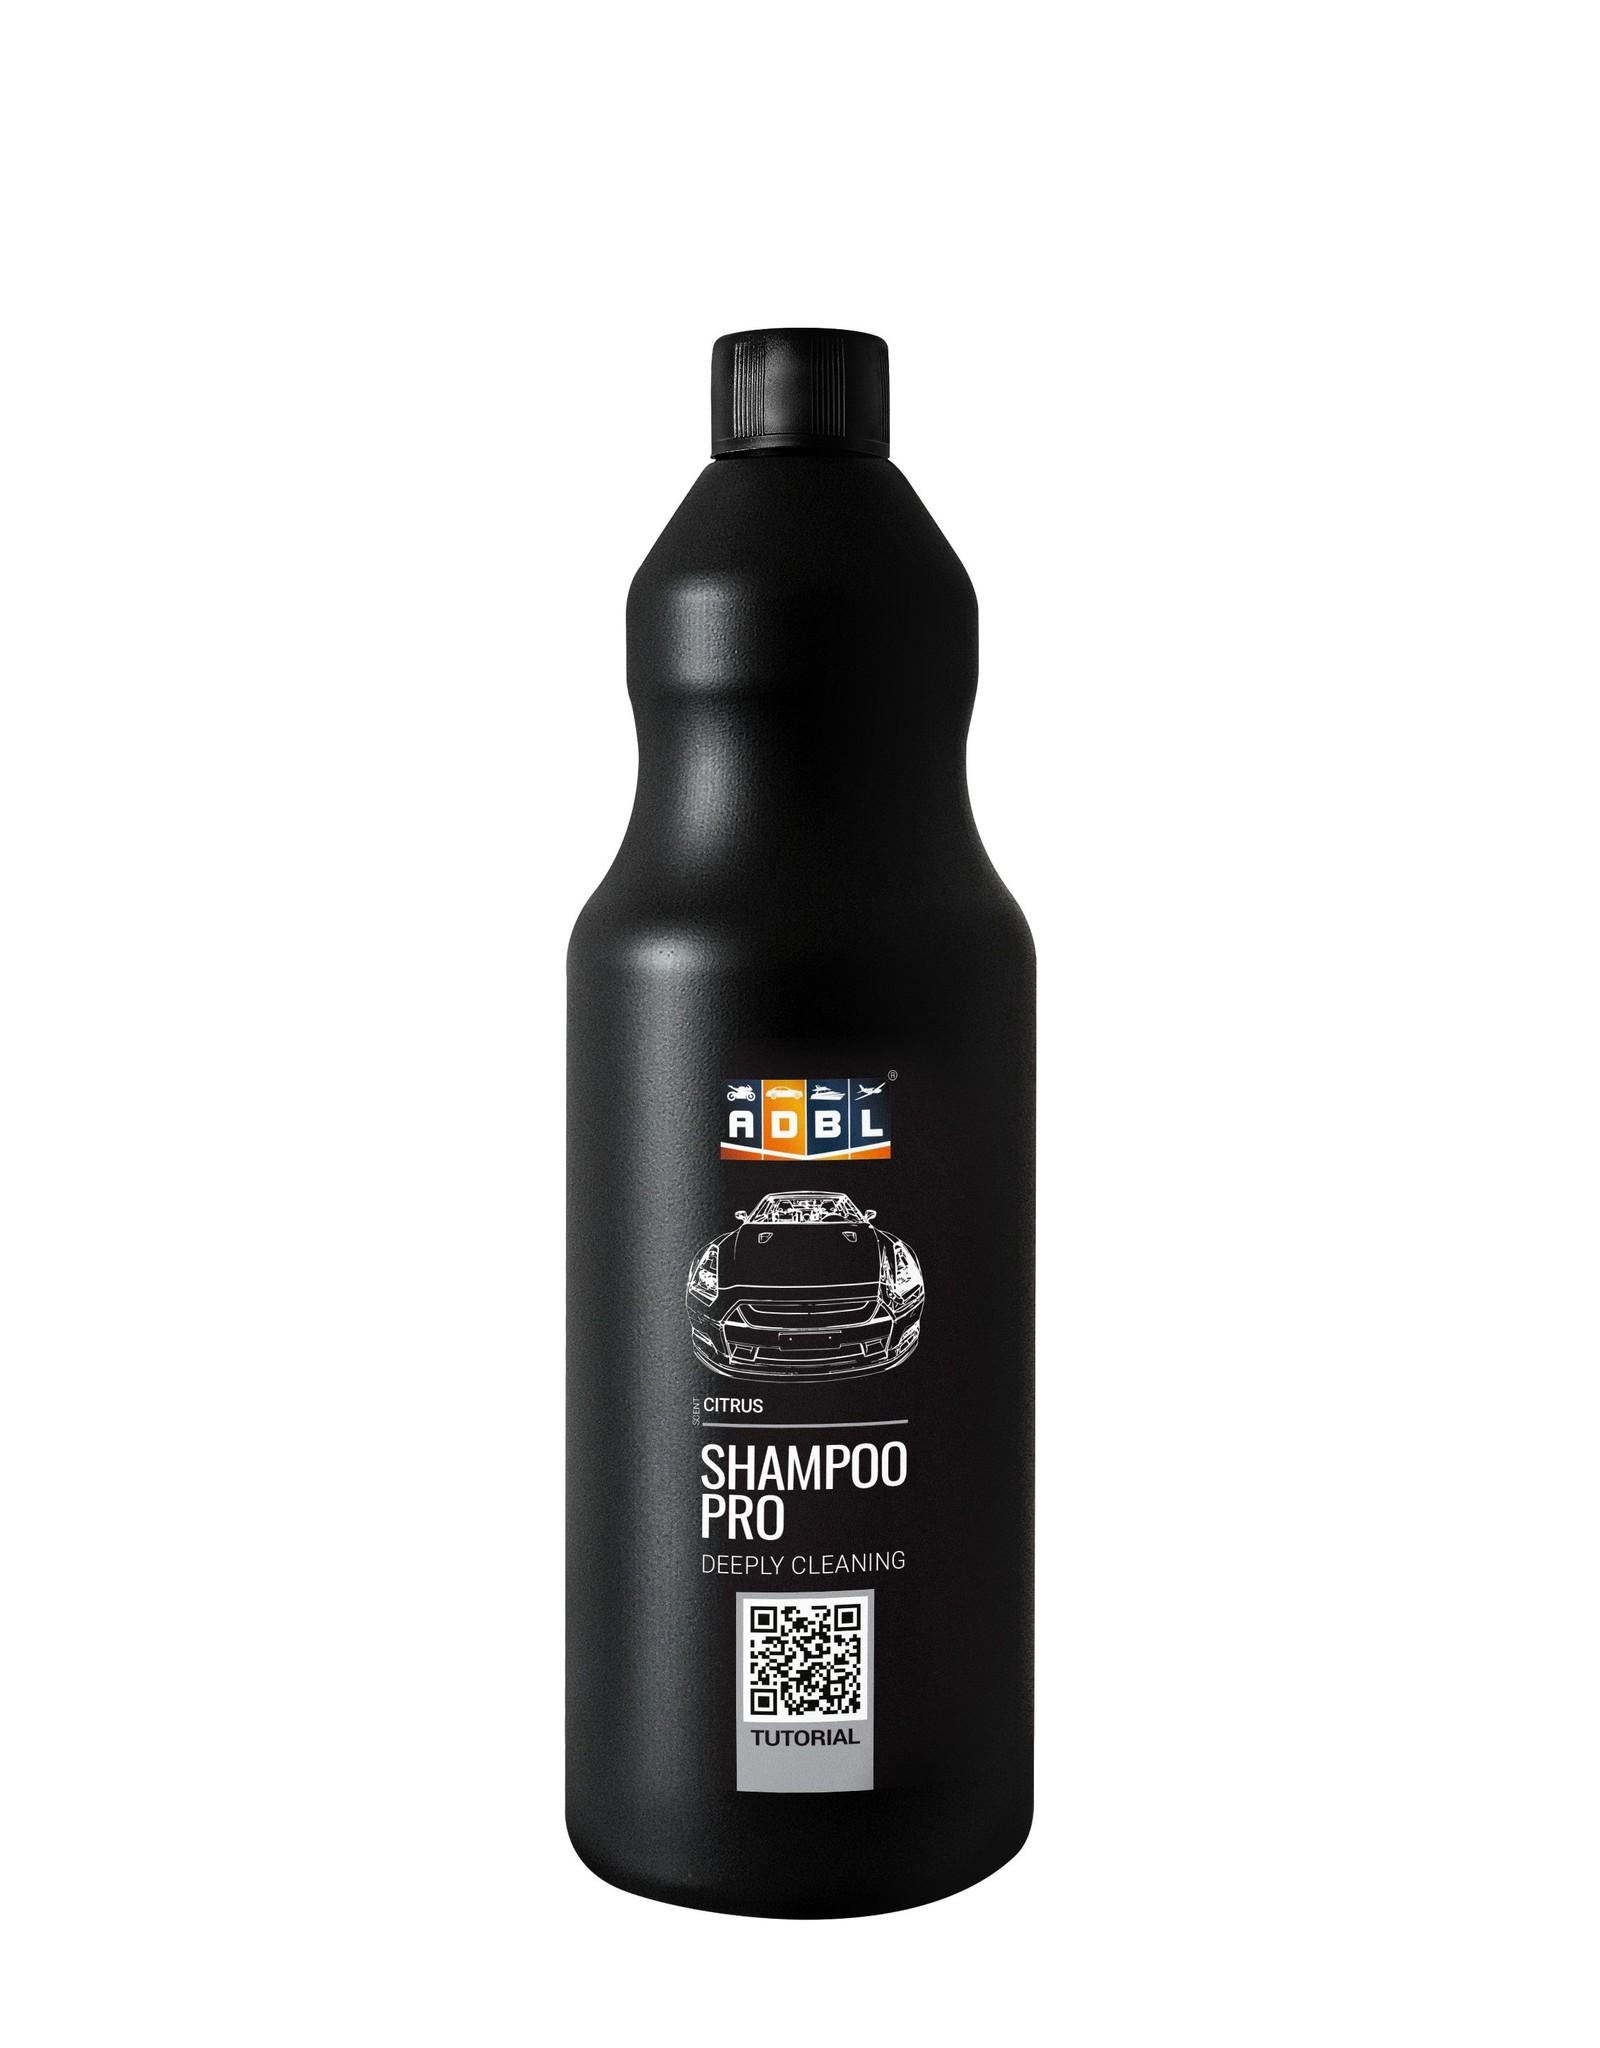 ADBL Shampoo Pro Autoshampoo 1000ml